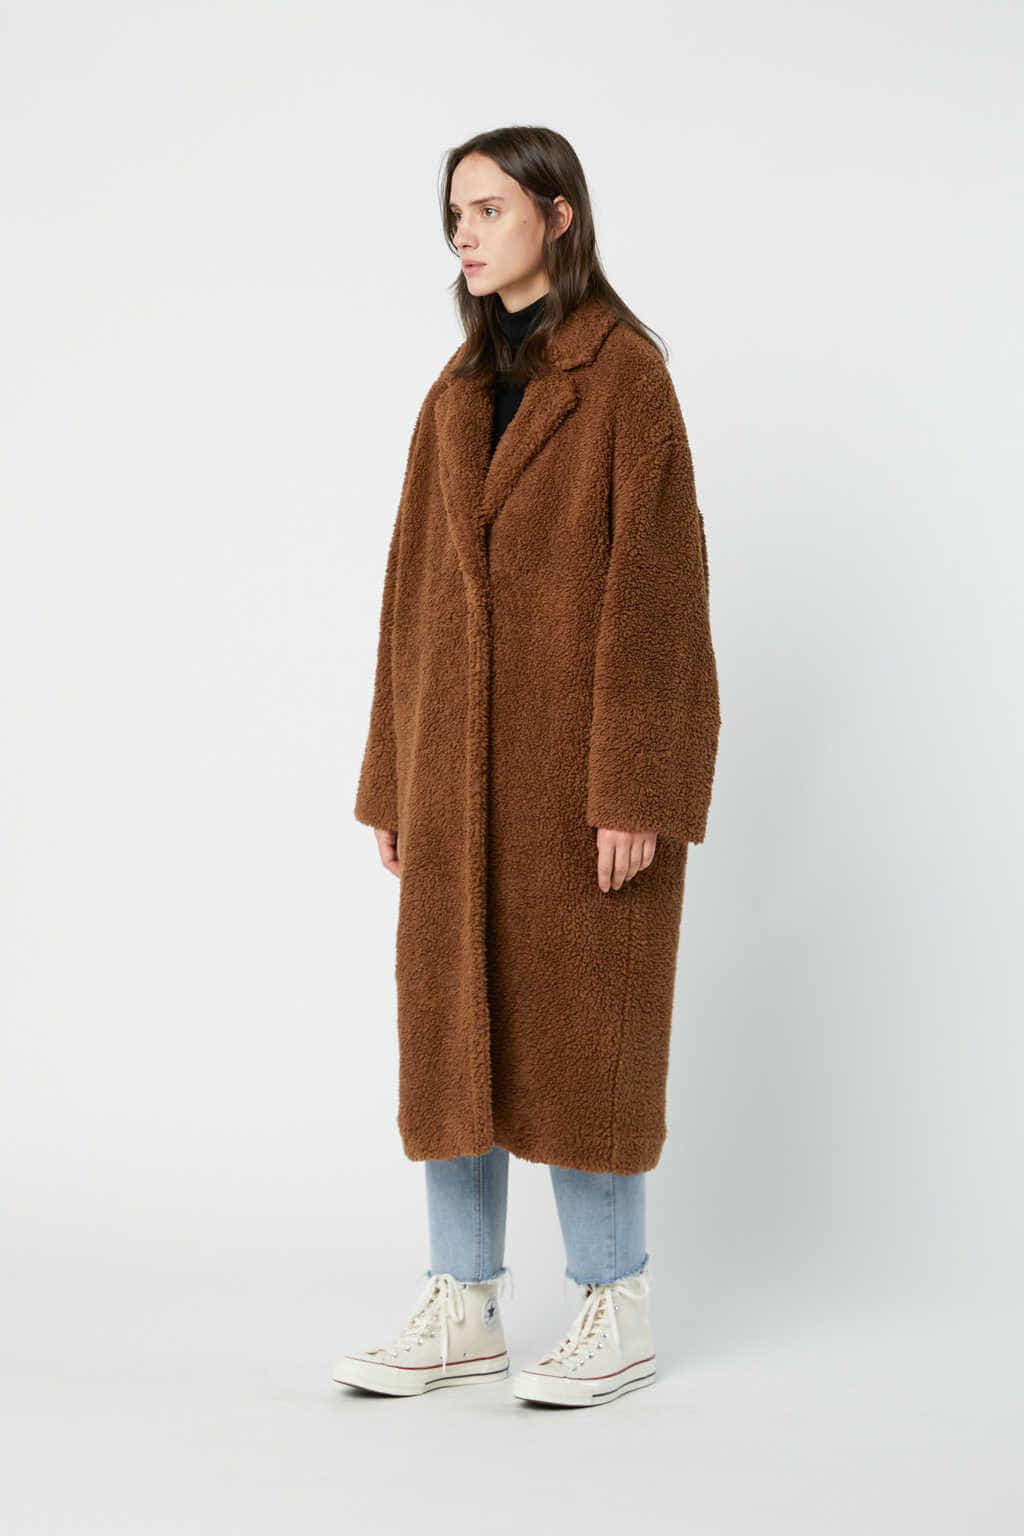 Coat 2694 Camel 3